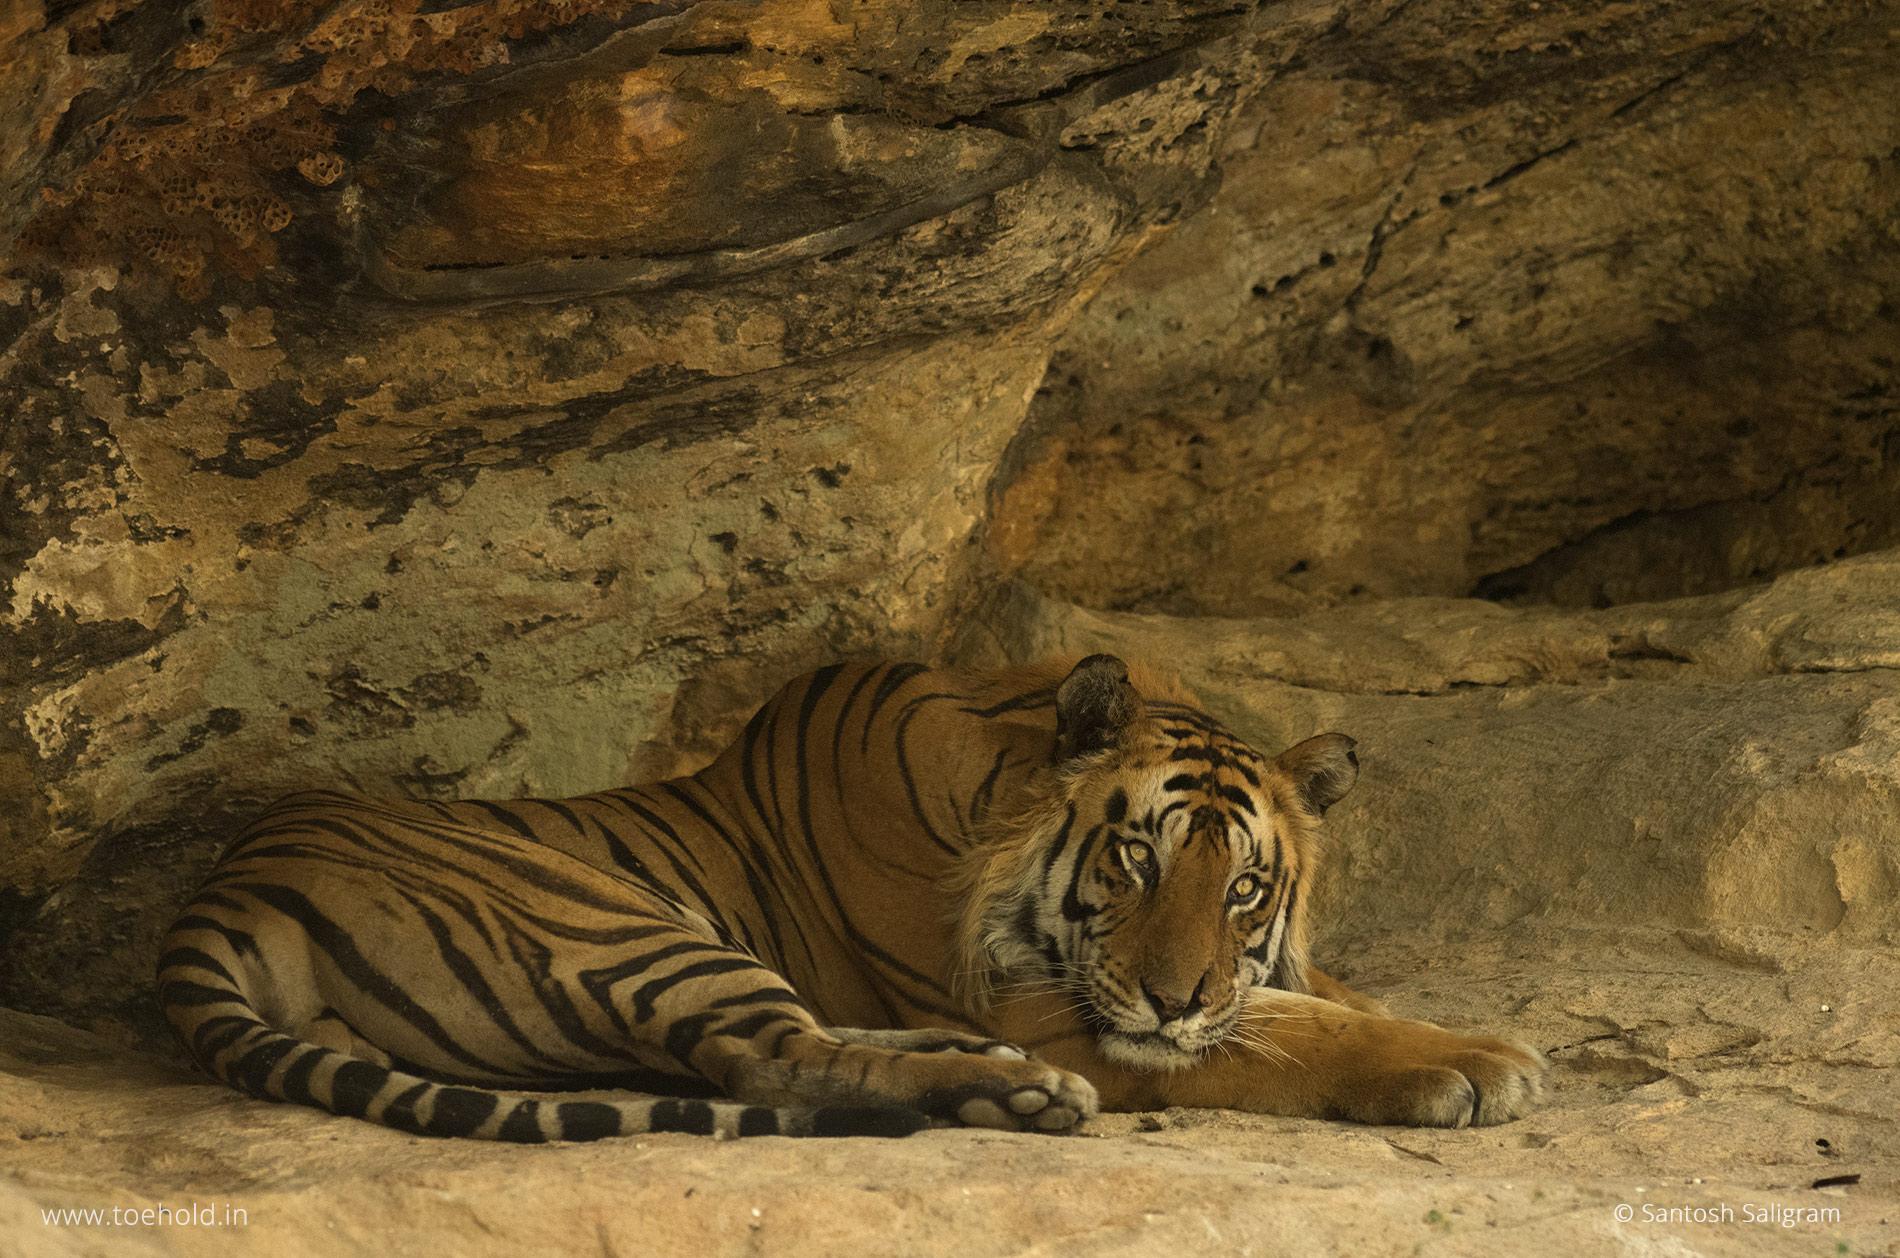 Mangu, Bandhavgarh tiger